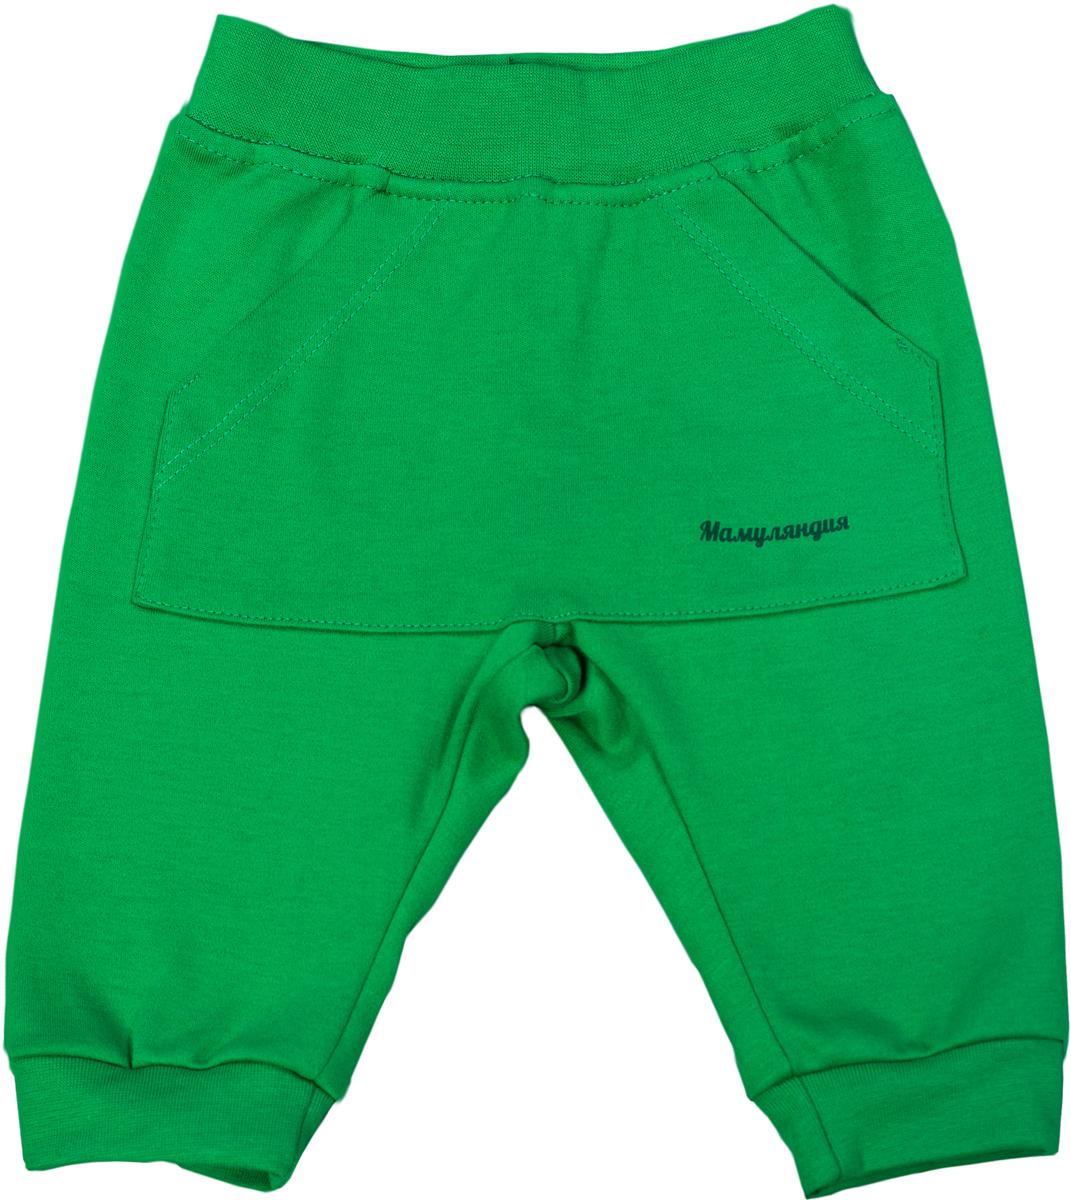 Брюки для мальчика Мамуляндия Мультяшки-Мальчики, цвет: зеленый. 17-714. Размер 8617-714Брюки для мальчика Мамуляндия Мультяшки-Мальчики выполнены из натурального хлопка. Модель декорирована карманом кенгуру.